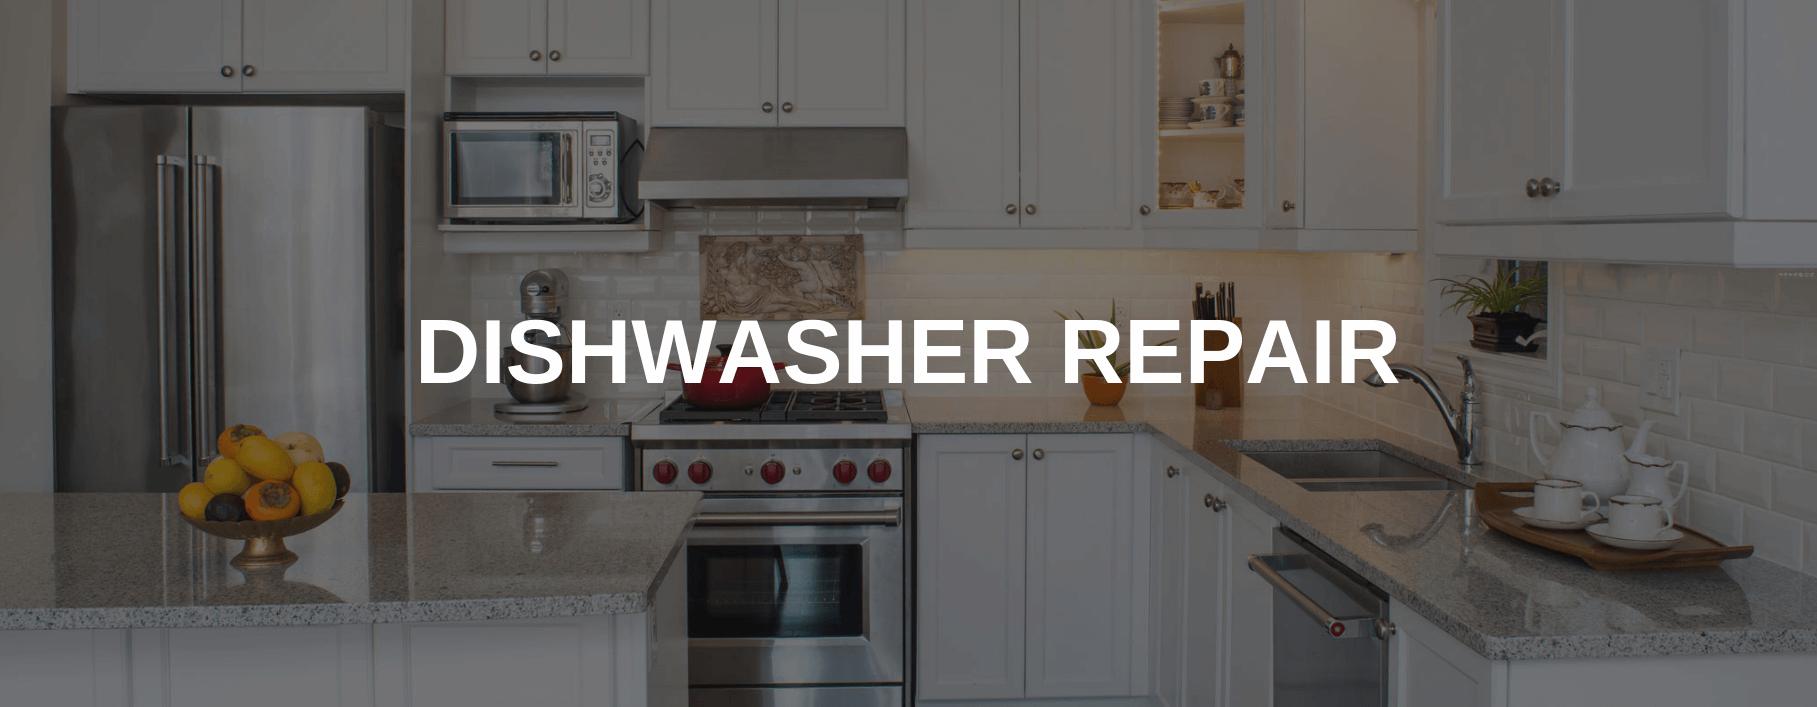 dishwasher repair corona